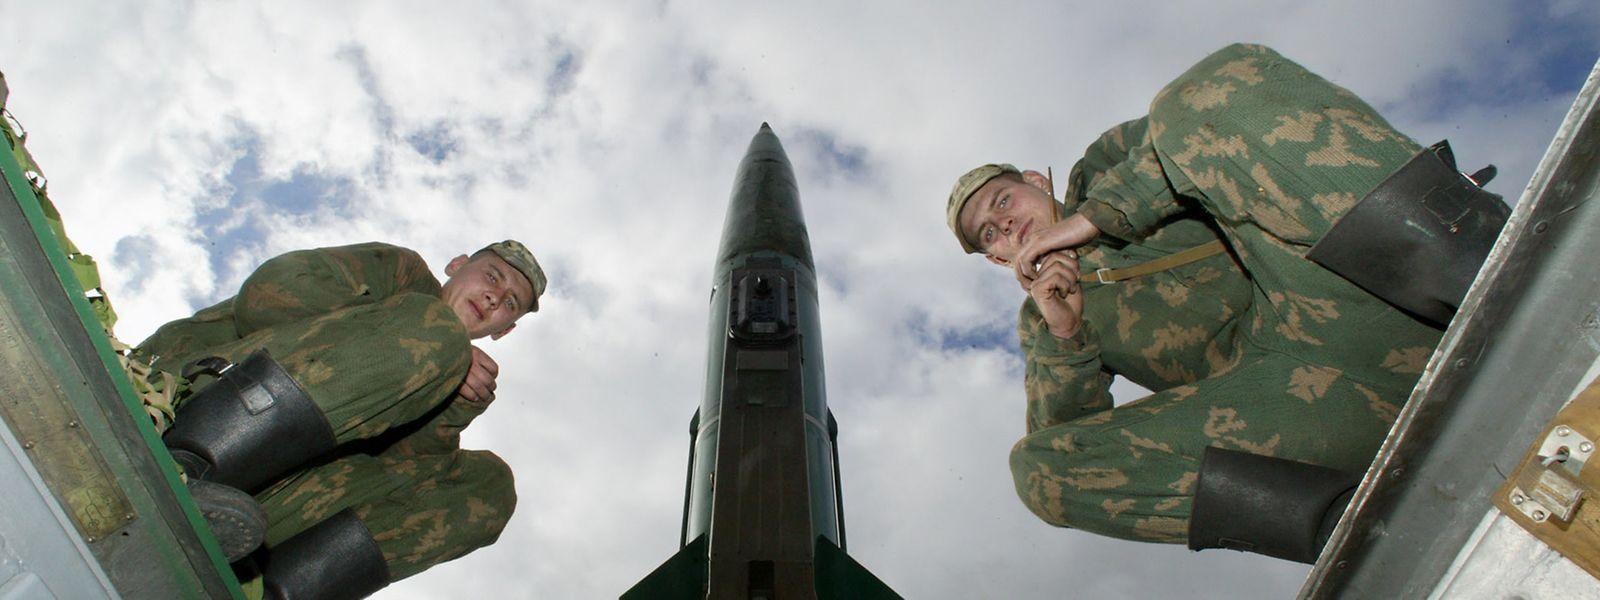 Mit der Aufkündigung des INF-Vertrags könnte wieder ein Wettrüsten beginnen.